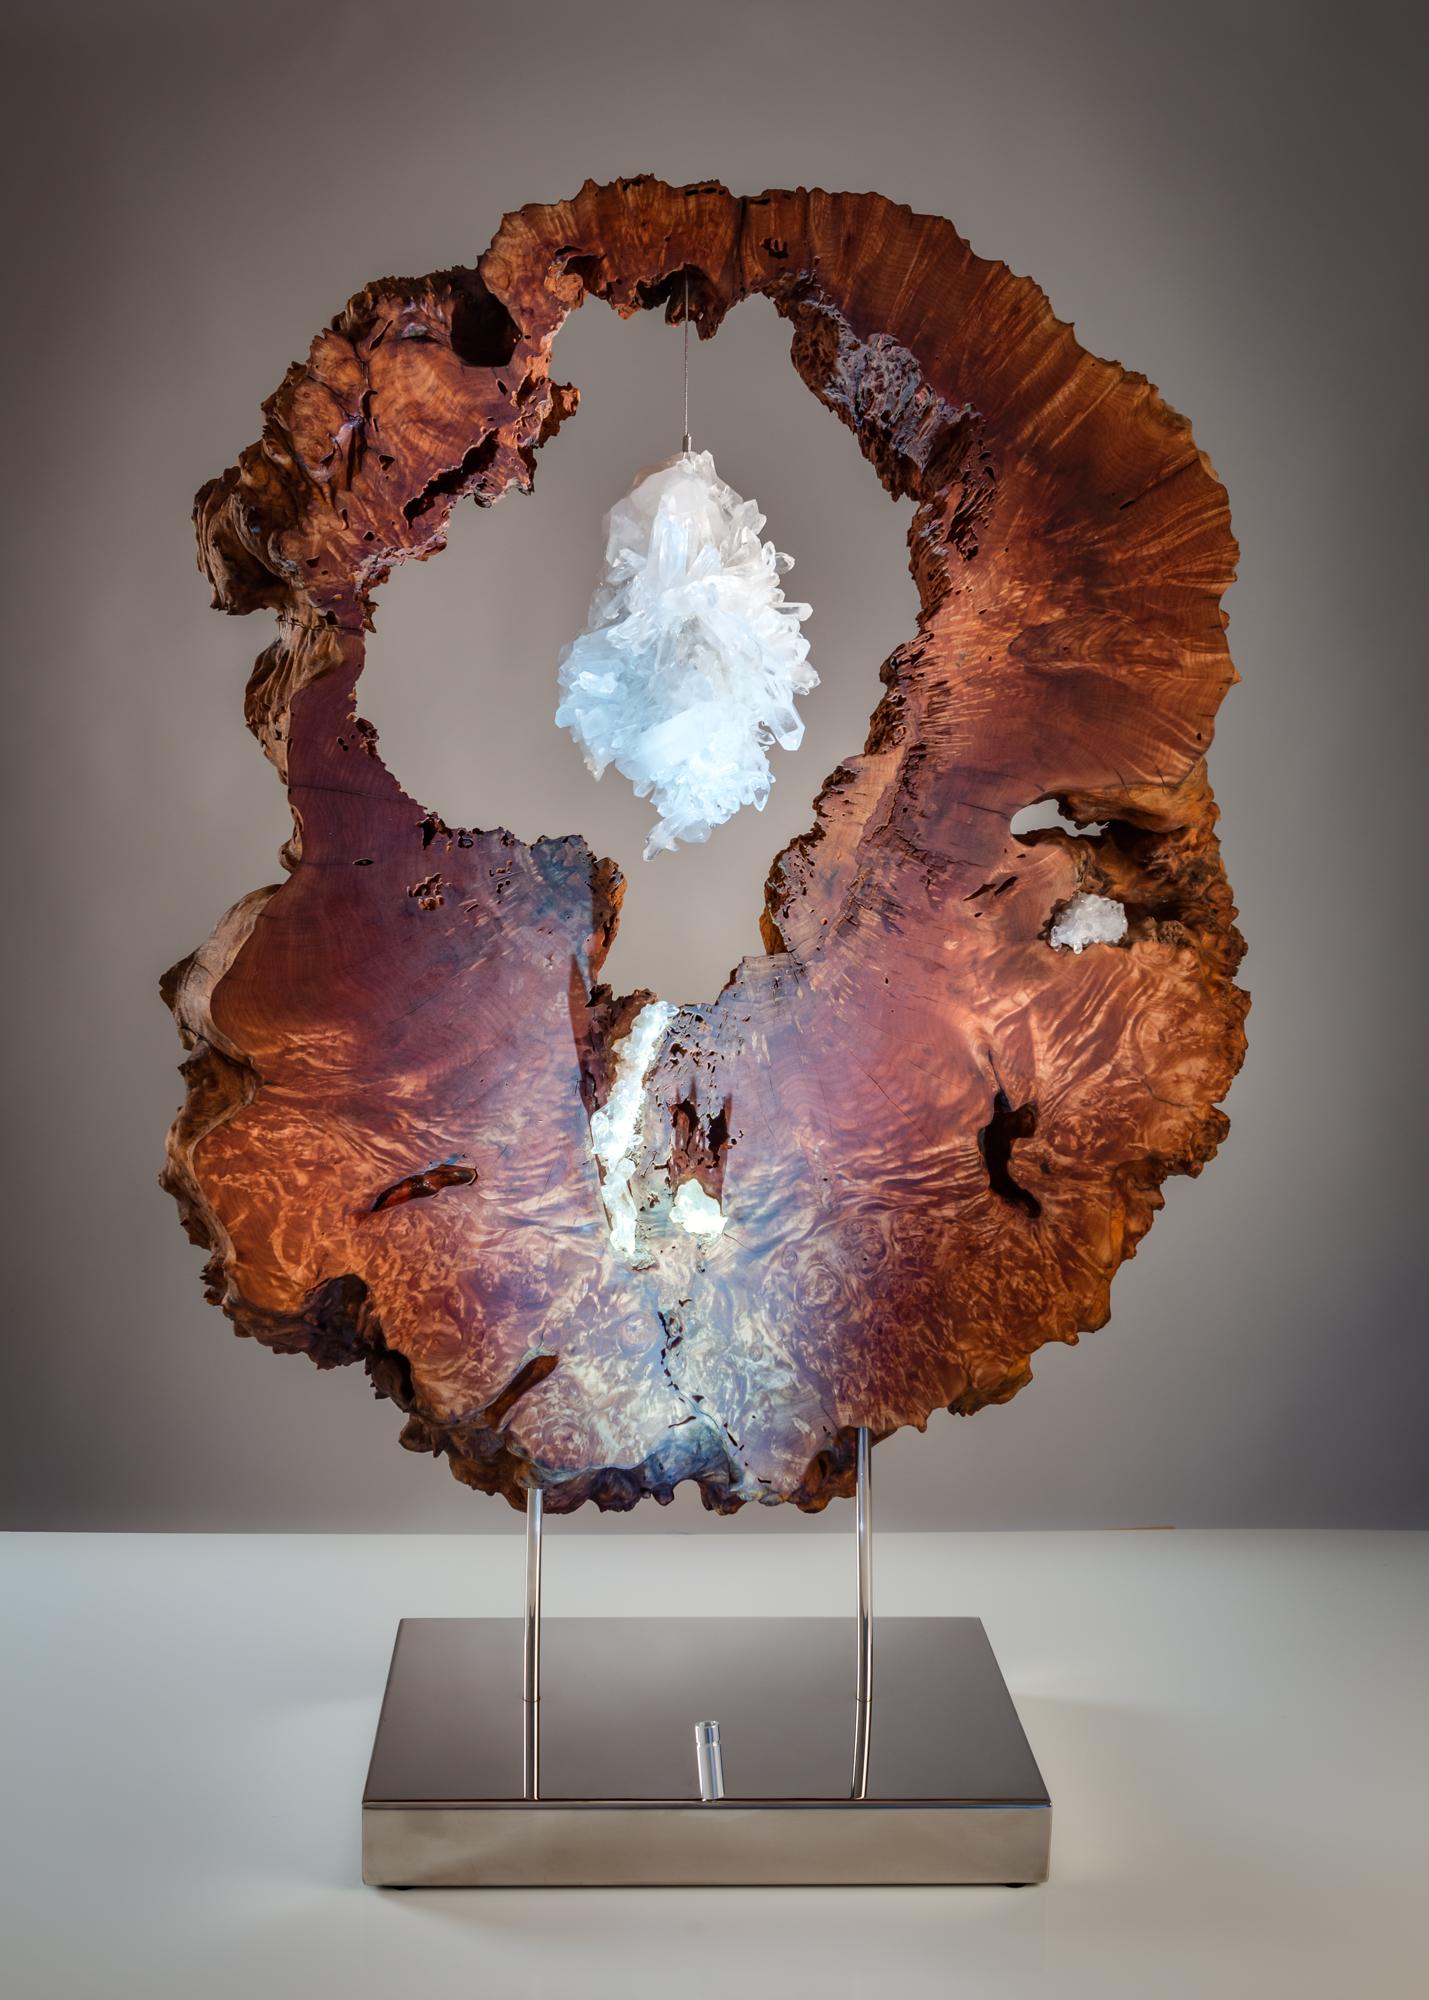 Lake of Luminance by sculptor Dorit Schwartz (48.5x34x13 in)